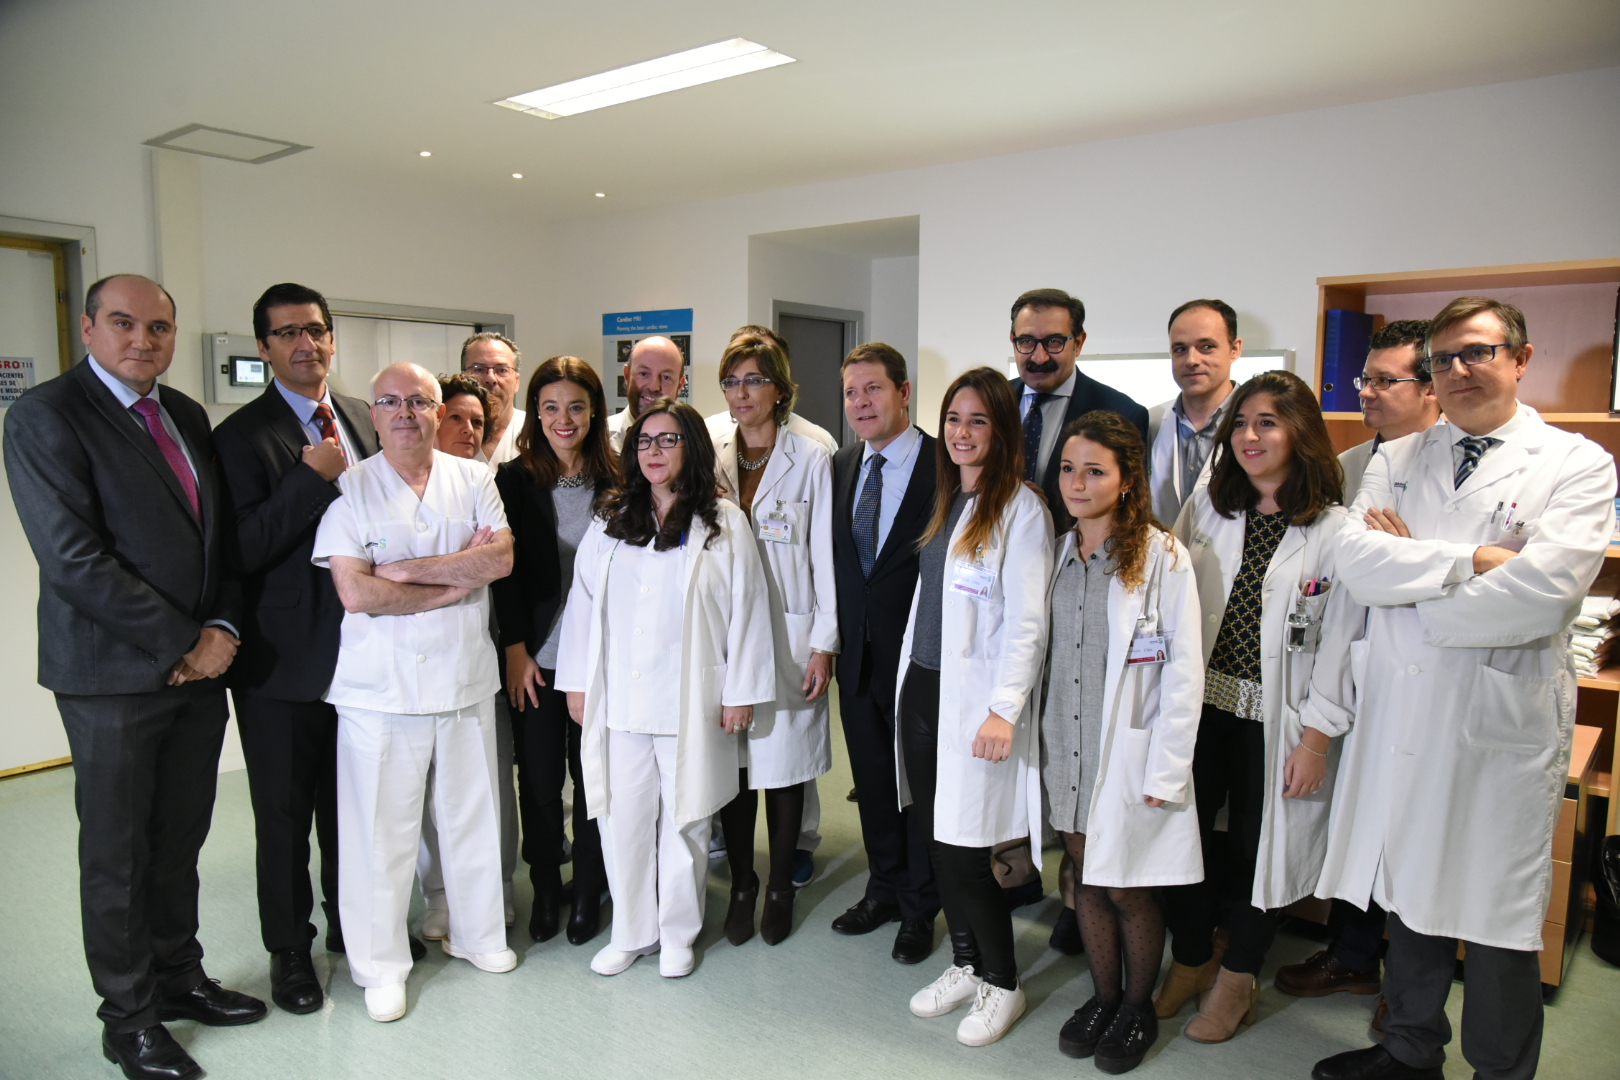 El Gobierno regional dota al Hospital de Ciudad Real de una nueva resonancia magnética y crea el primer aula de simulación clínica